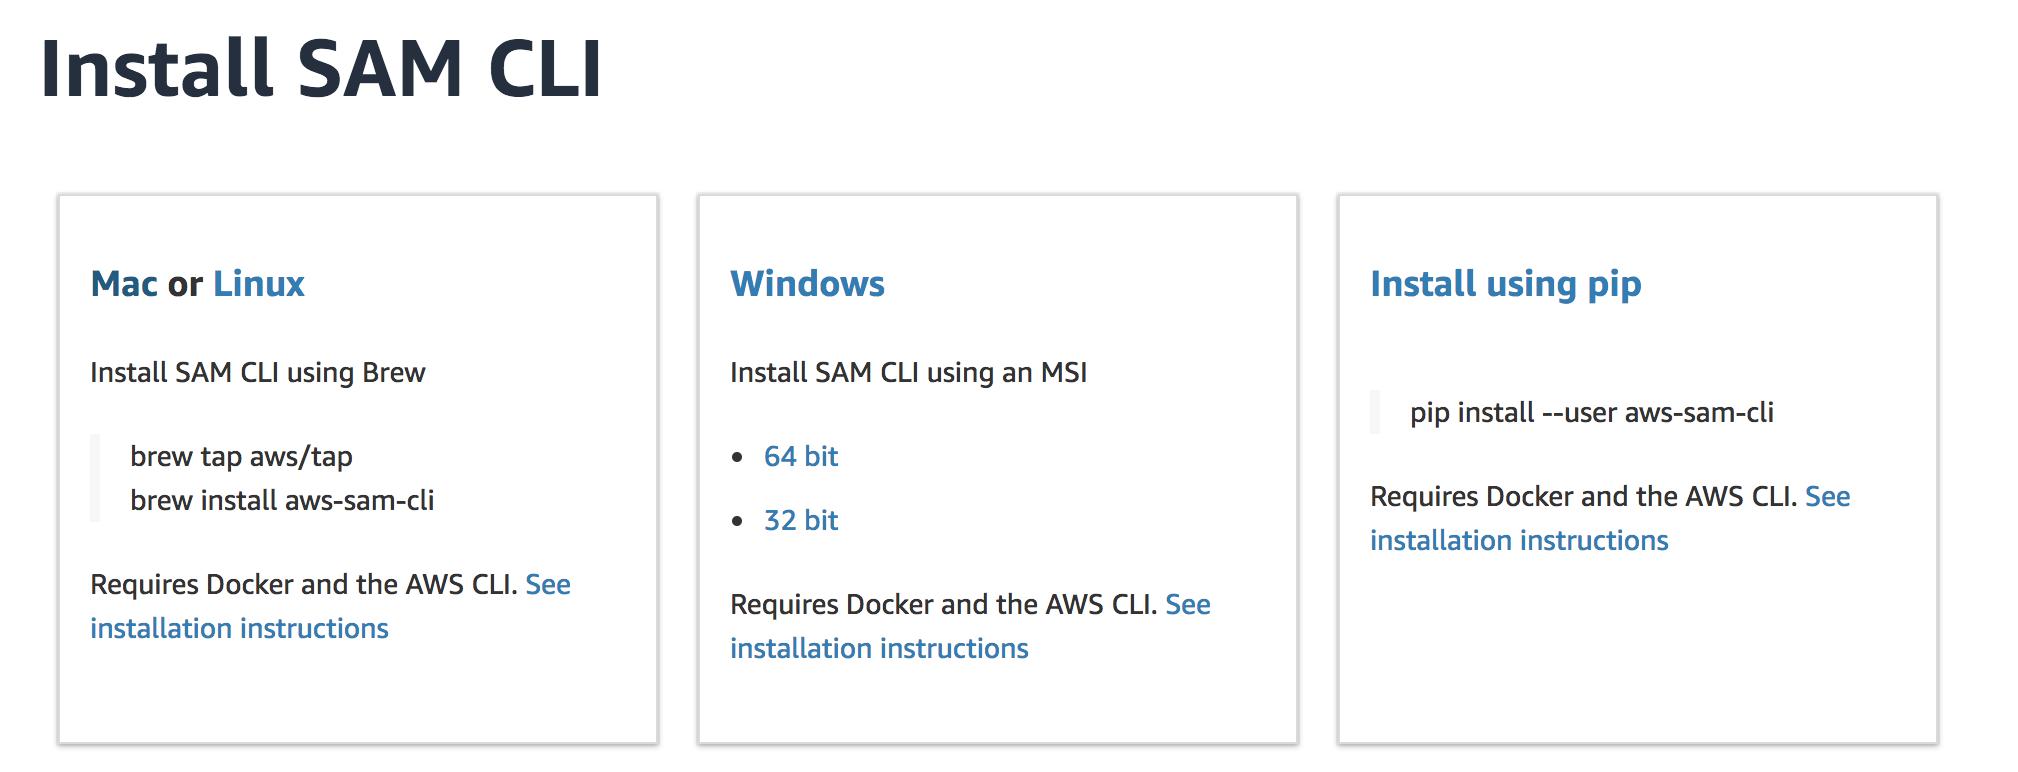 PyCharmにAWS Tool kitをインストールしてサンプルのLambda関数を